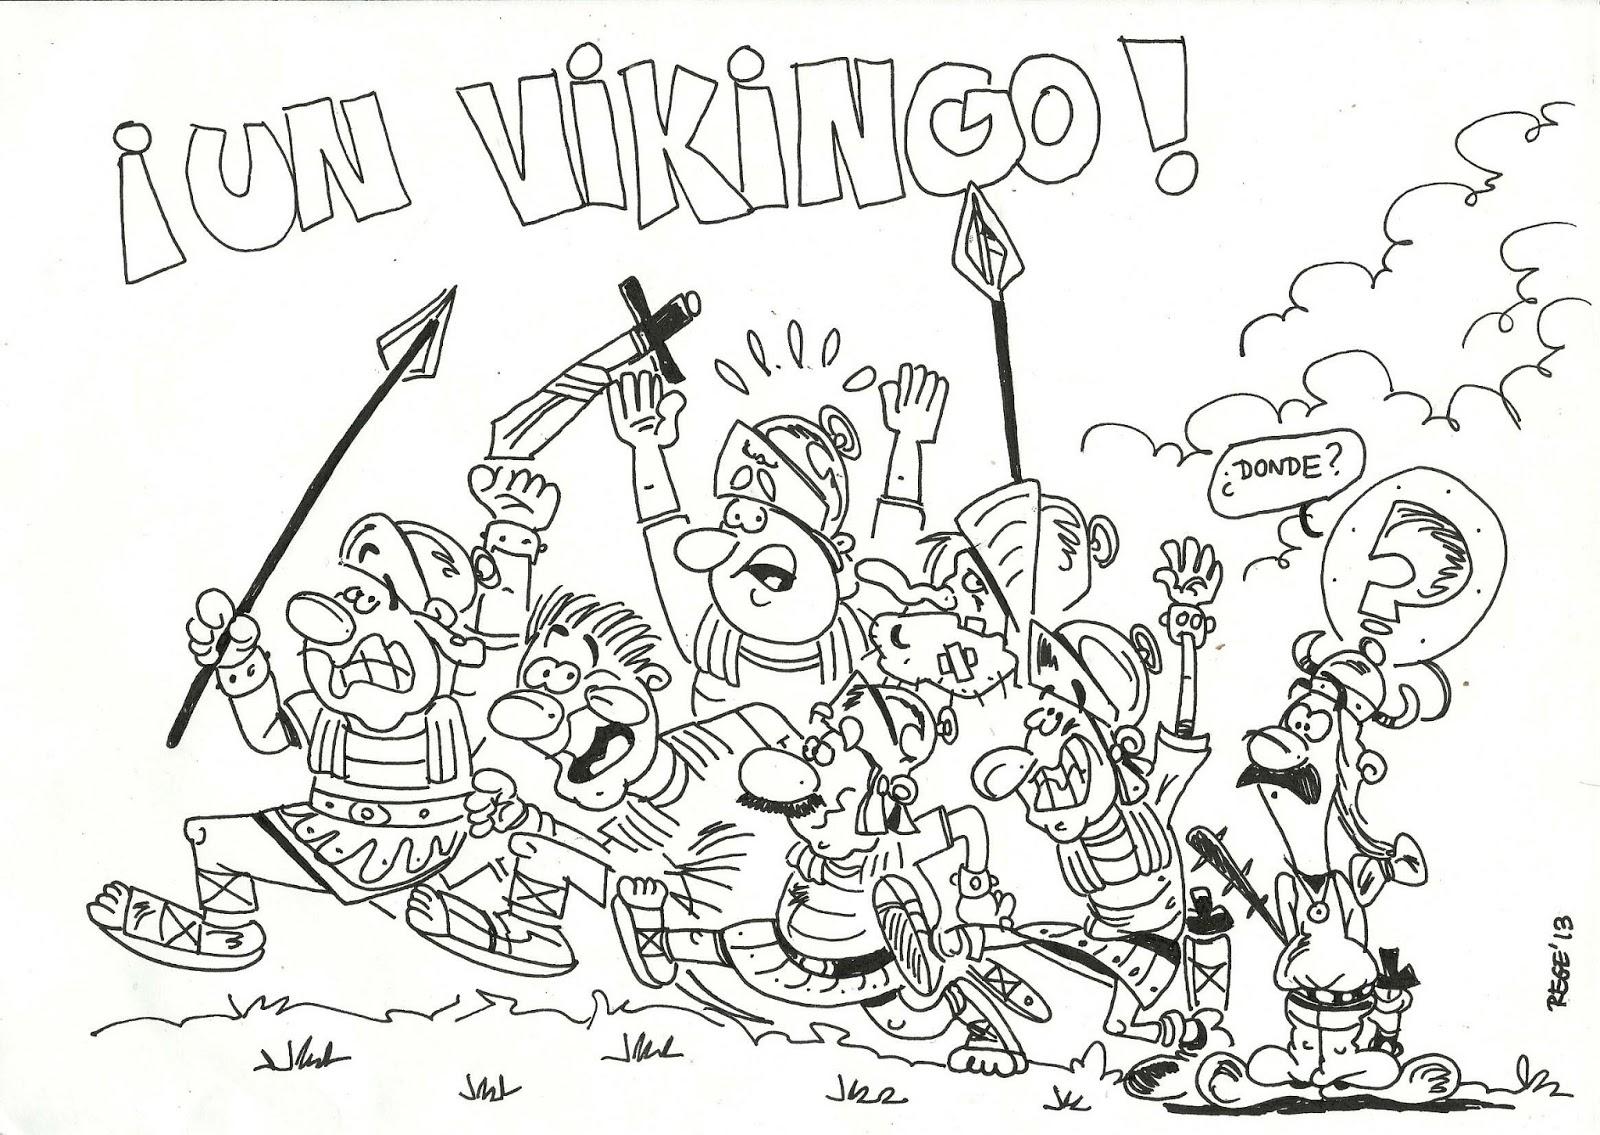 Humor en juego de tronos e histórico - Página 4 VIKINGO+1